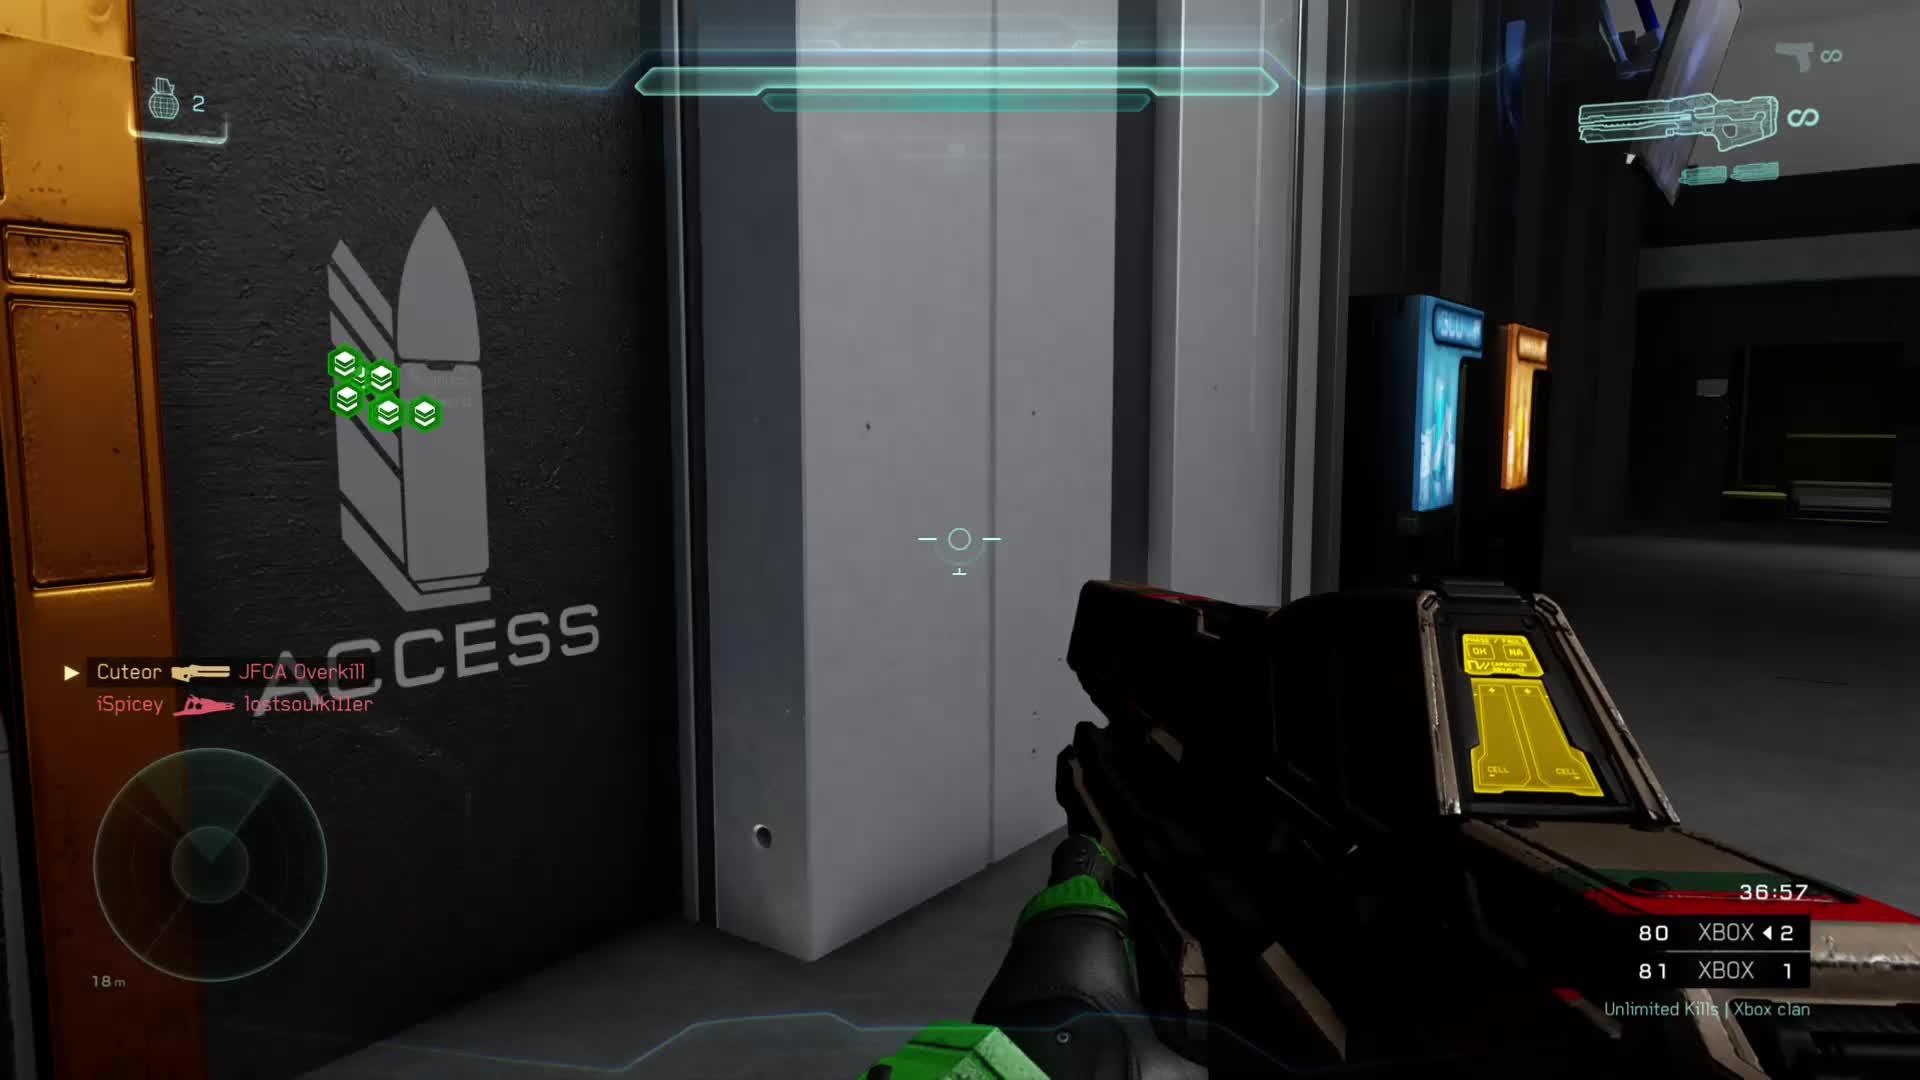 Cuteor, Halo5Guardians, gamer dvr, xbox, xbox one,  GIFs